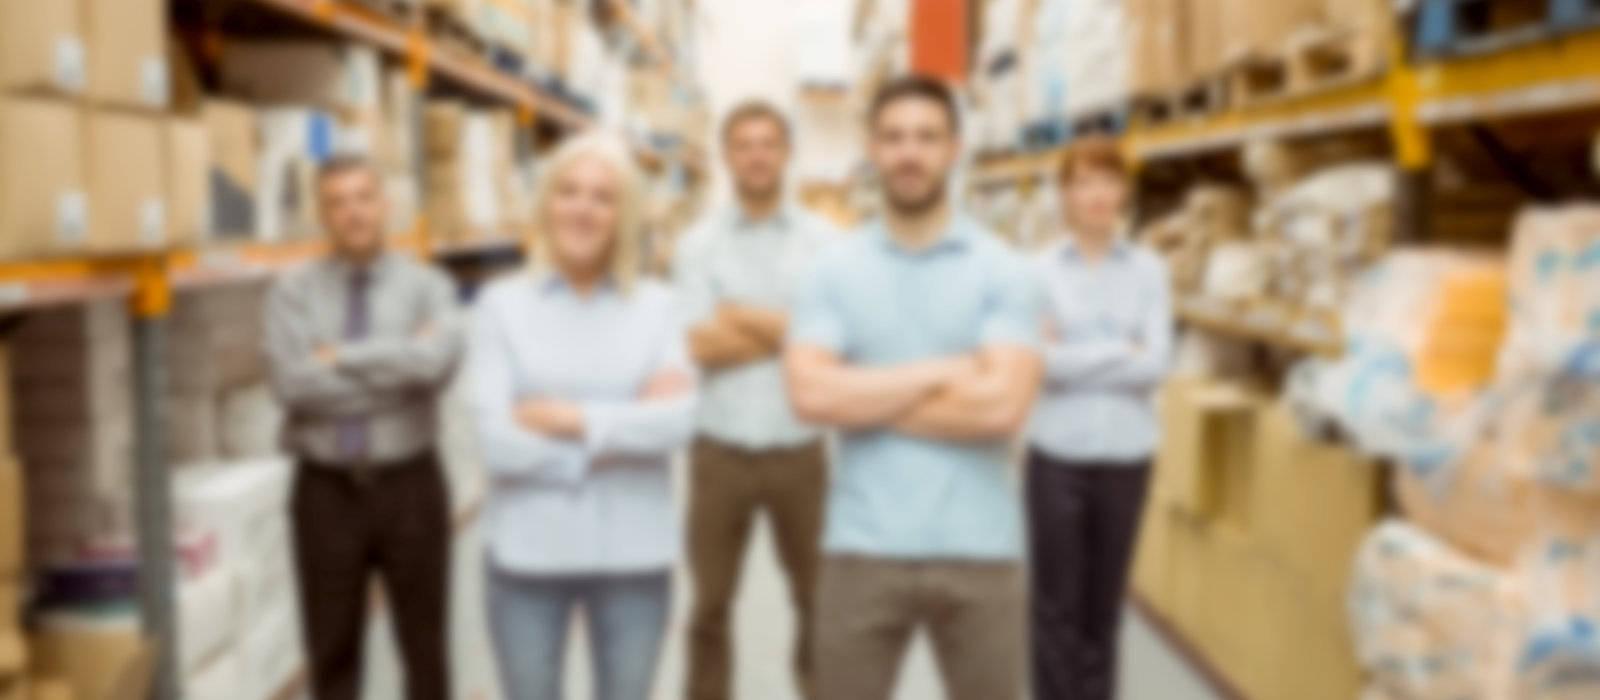 Software gestionali per piccole imprese, artigiani, commercianti e professionisti